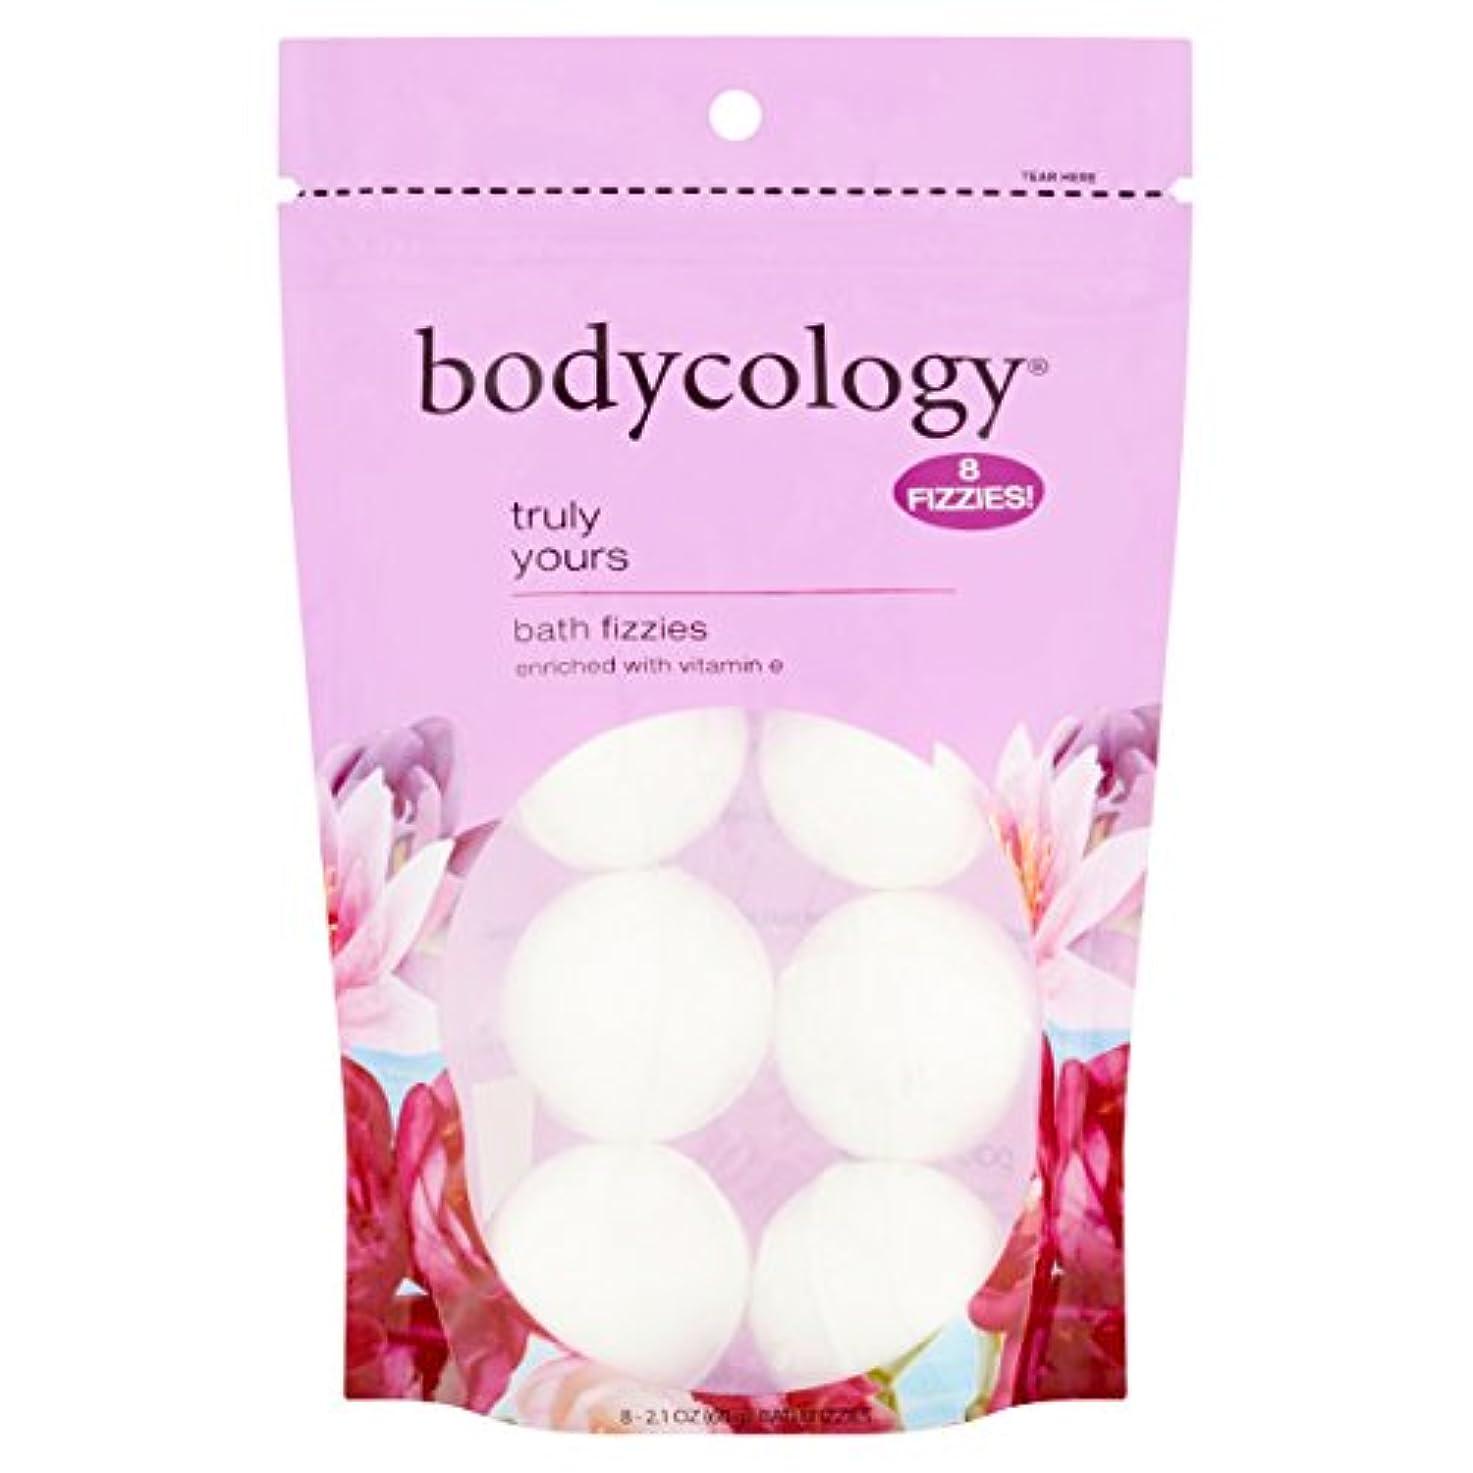 エネルギー資金ベッドを作るBodycology 敬具バースFizzies爆弾8から2.1オズボールを浸し